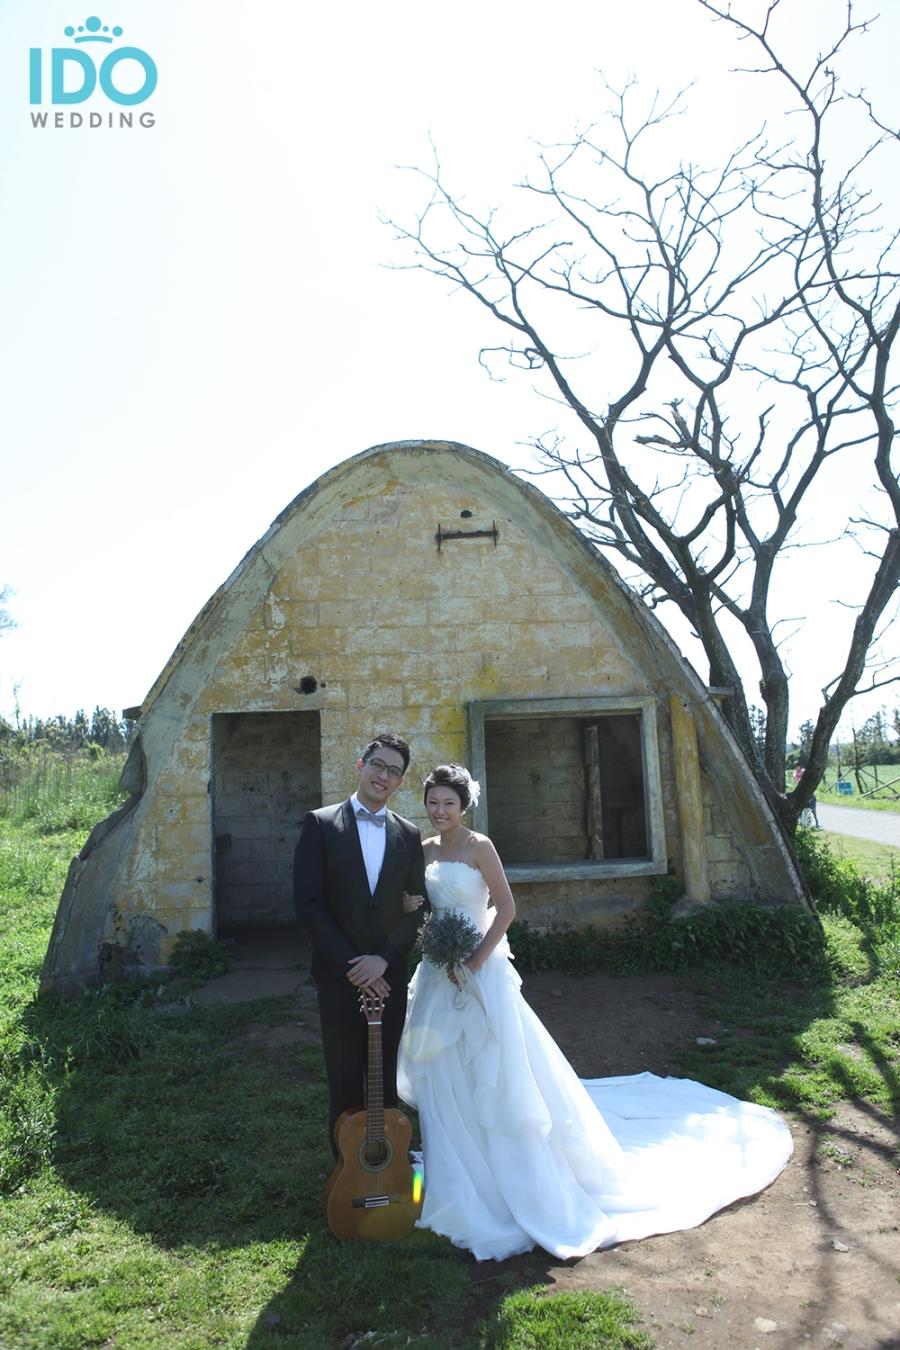 koreanweddingphotography_IMG_5394 copy